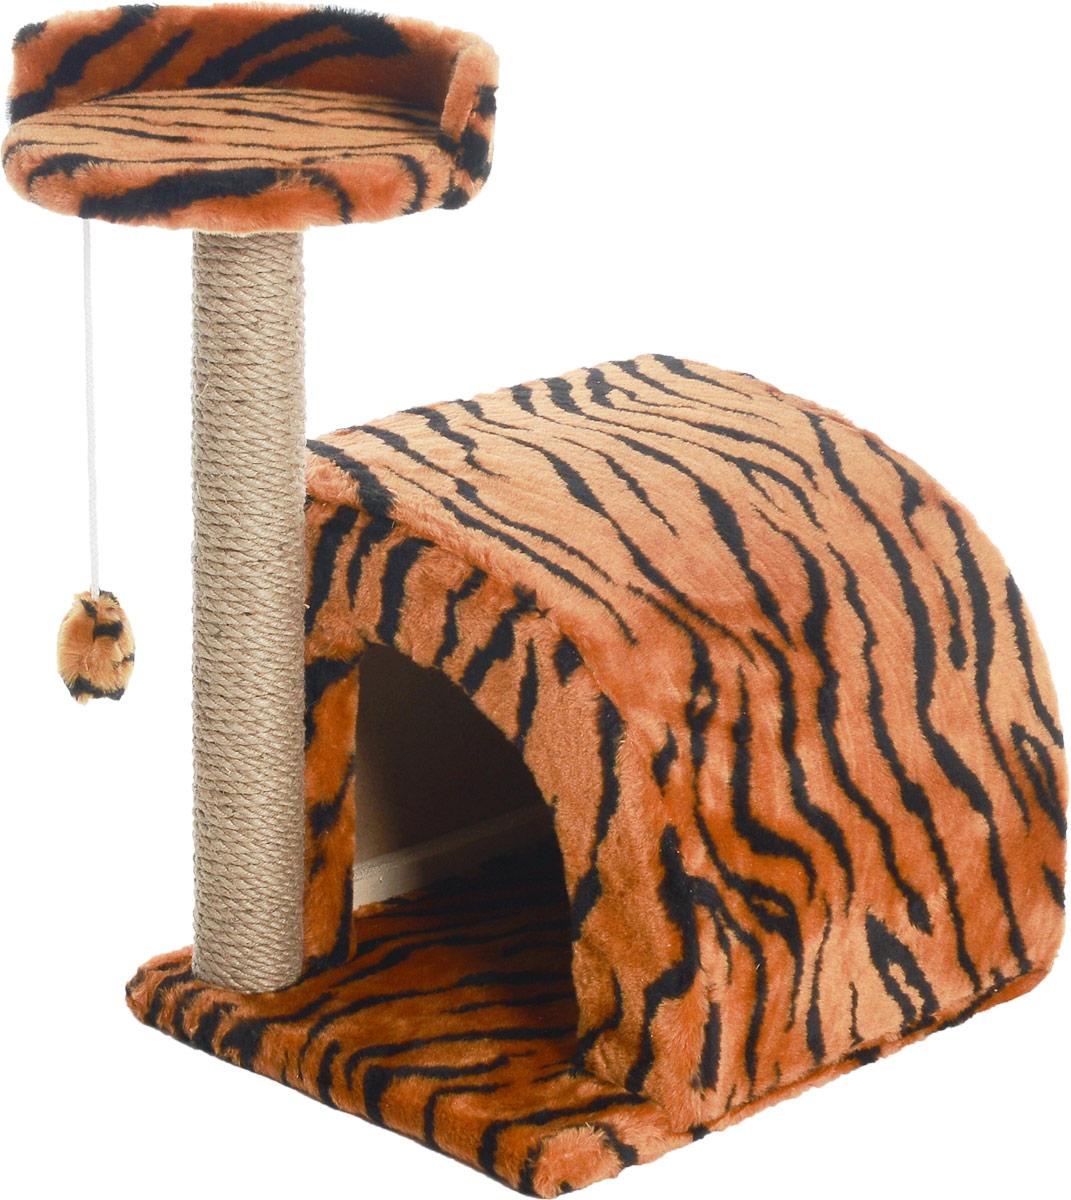 Домик-когтеточка Меридиан, полукруглый, цвет: оранжевый, черный, бежевый, 54 х 40 х 59 смД518ТДомик-когтеточка Меридиан выполнен из высококачественного ДВП и ДСП и обтянут искусственным мехом. Изделие предназначено для кошек. Ваш домашний питомец будет с удовольствием точить когти о специальный столбик, изготовленный из джута. А отдохнуть он сможет либо на полке, либо в домике. Изделие снабжено подвесной игрушкой. Домик-когтеточка Меридиан принесет пользу не только вашему питомцу, но и вам, так как он сохранит мебель от когтей и шерсти. Общий размер: 54 х 40 х 59 см. Размер домика: 36 х 36 х 32 см. Размер полки: 27 х 26 см.